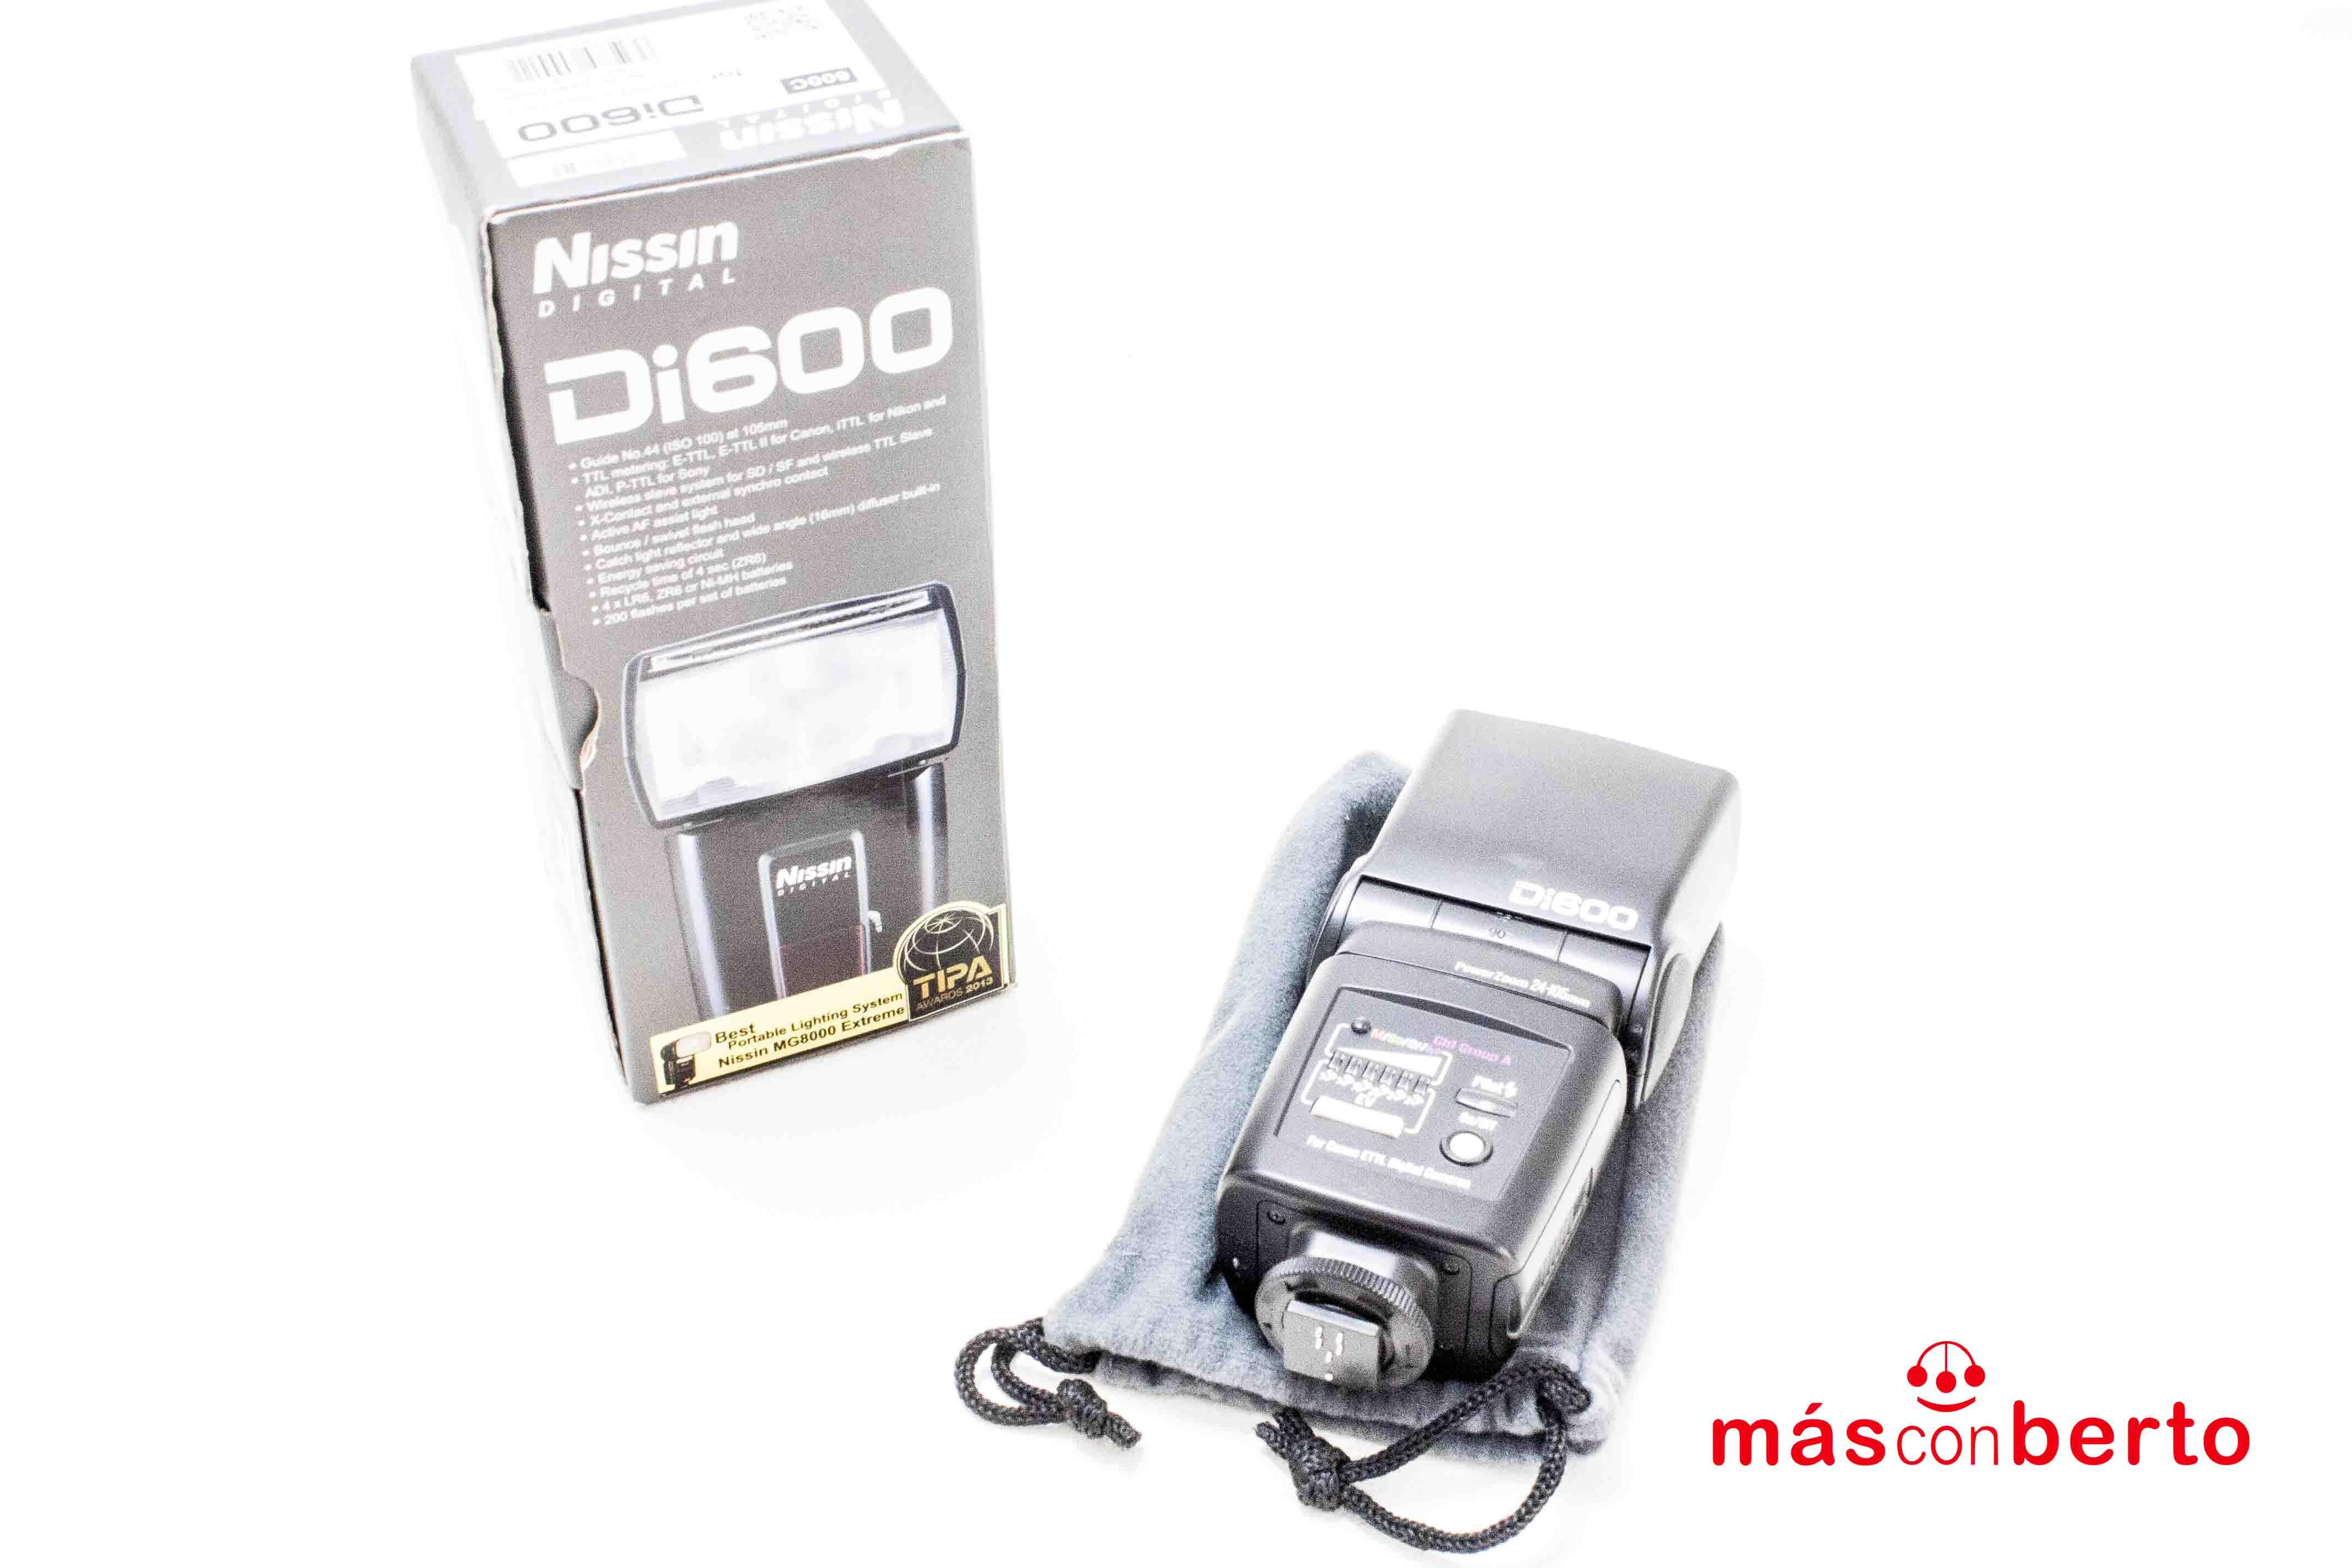 Flash Nissin Di600